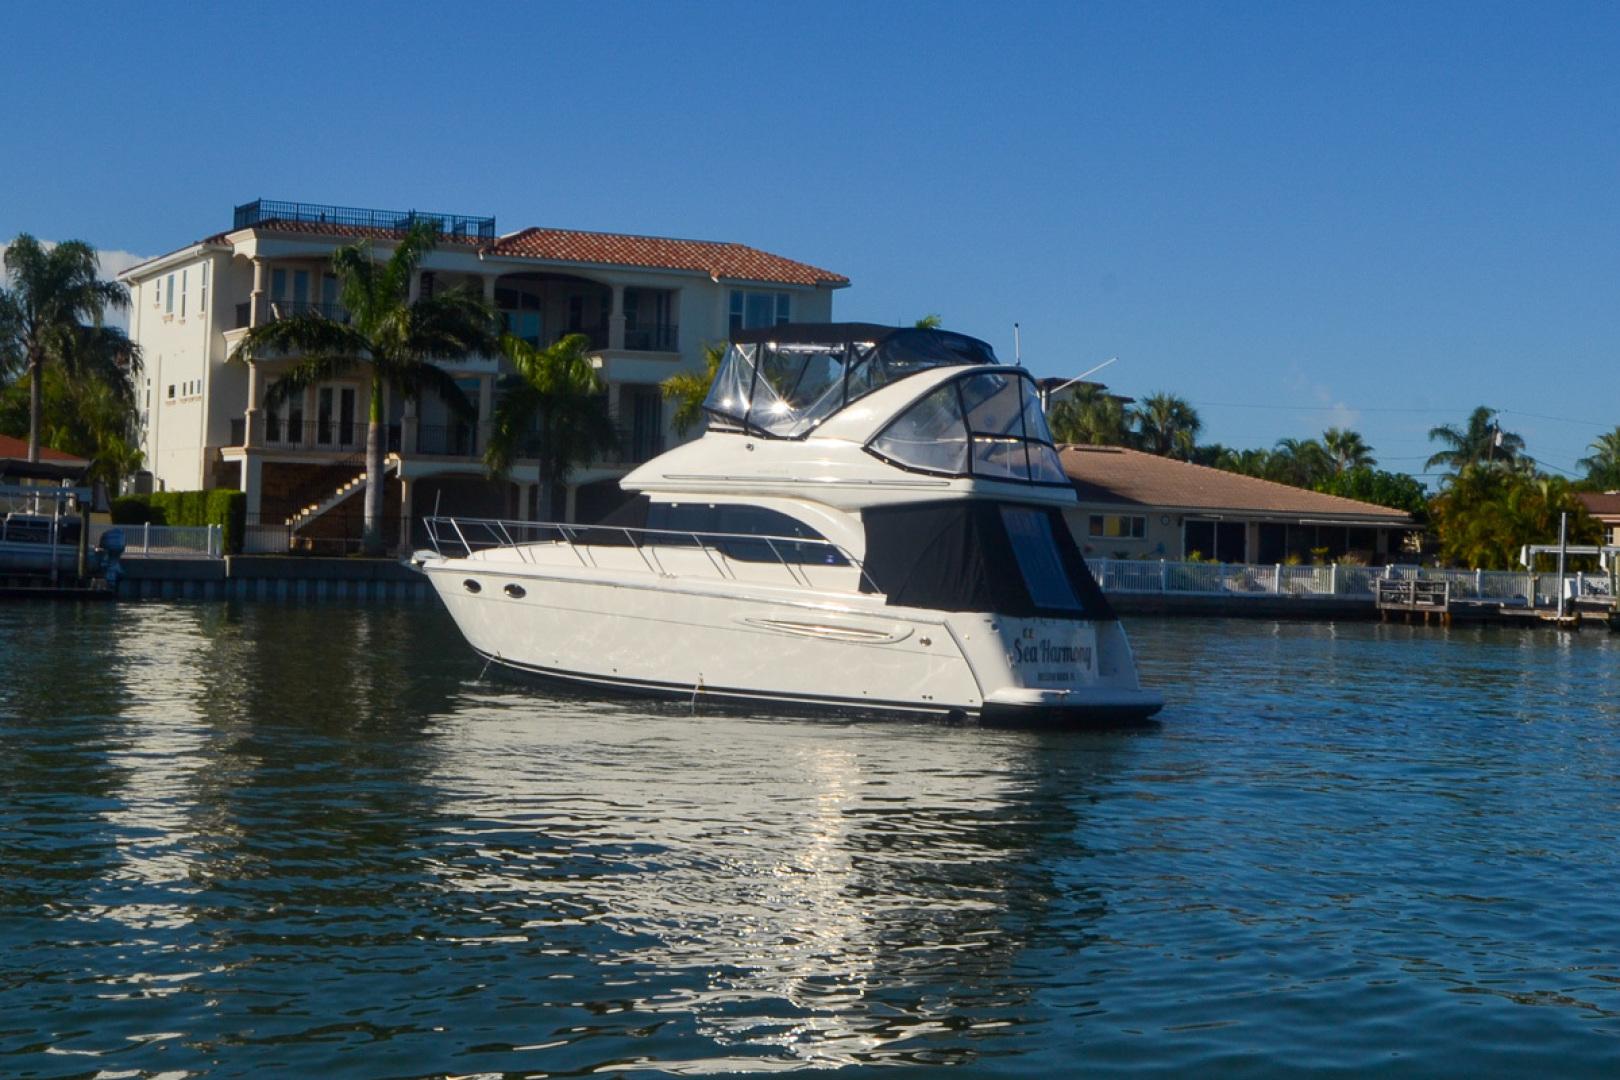 Meridian-341 Sedan 2004-Sea Harmony Belleair Beach-Florida-United States-1496592 | Thumbnail